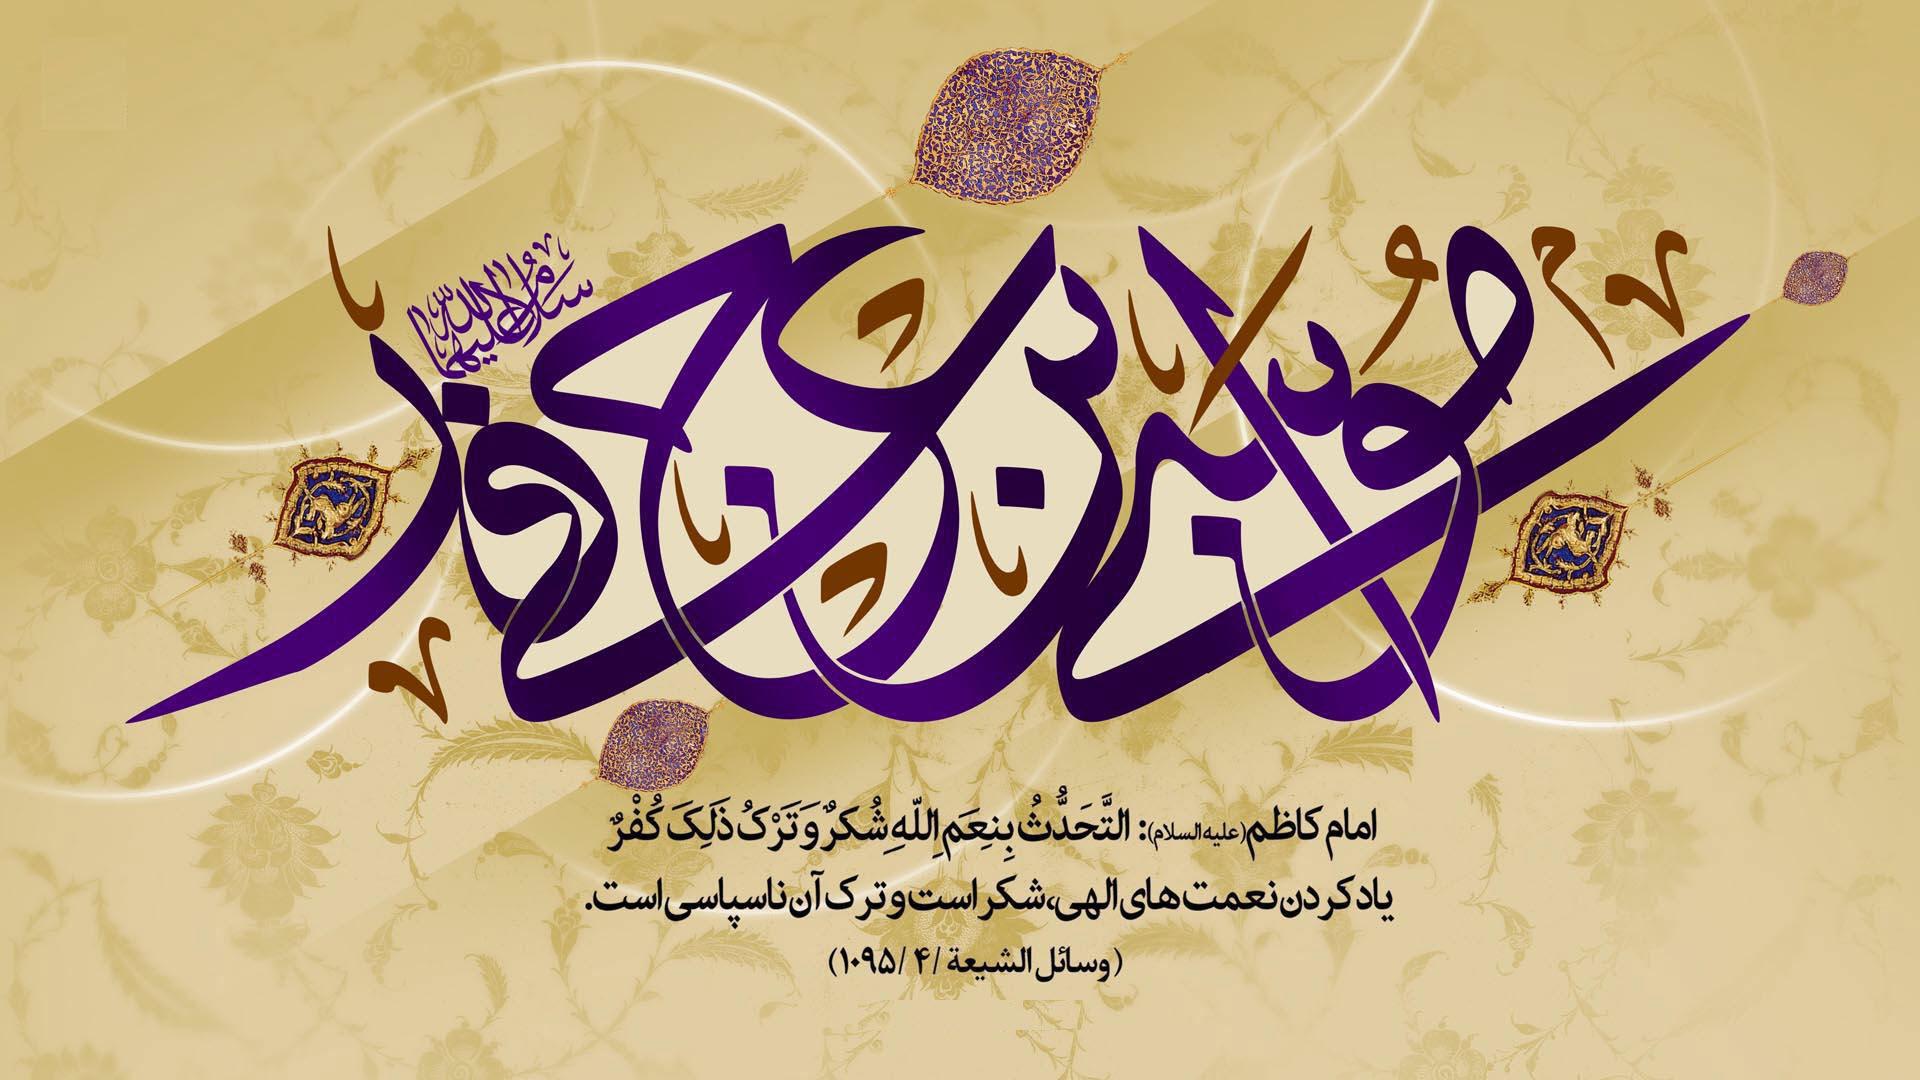 عکس نوشته های زیبا ویژه ولادت امام موسی کاظم (ع)